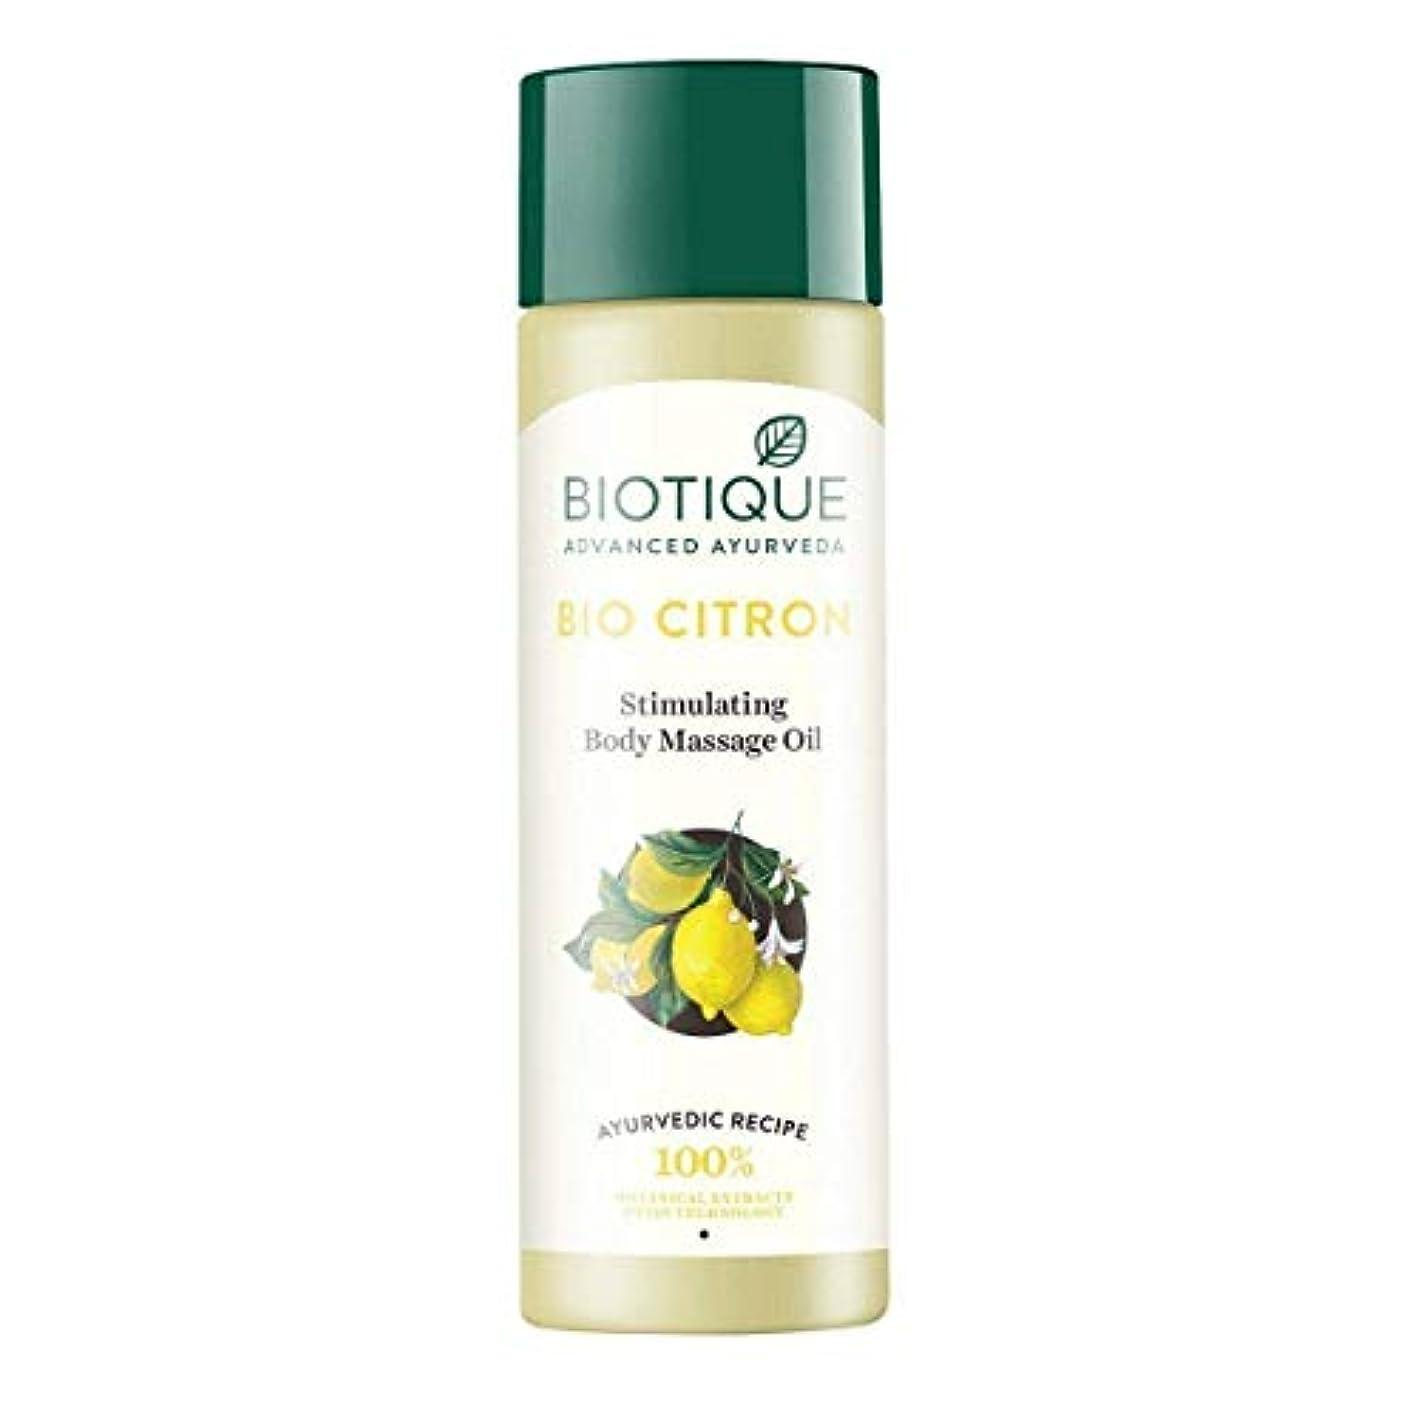 悪意のあるガム本能Biotique Bio Citron Stimulating Body Massage Oil, 200ml rich in vitamin Biotique バイオシトロン刺激ボディマッサージオイル、ビタミン